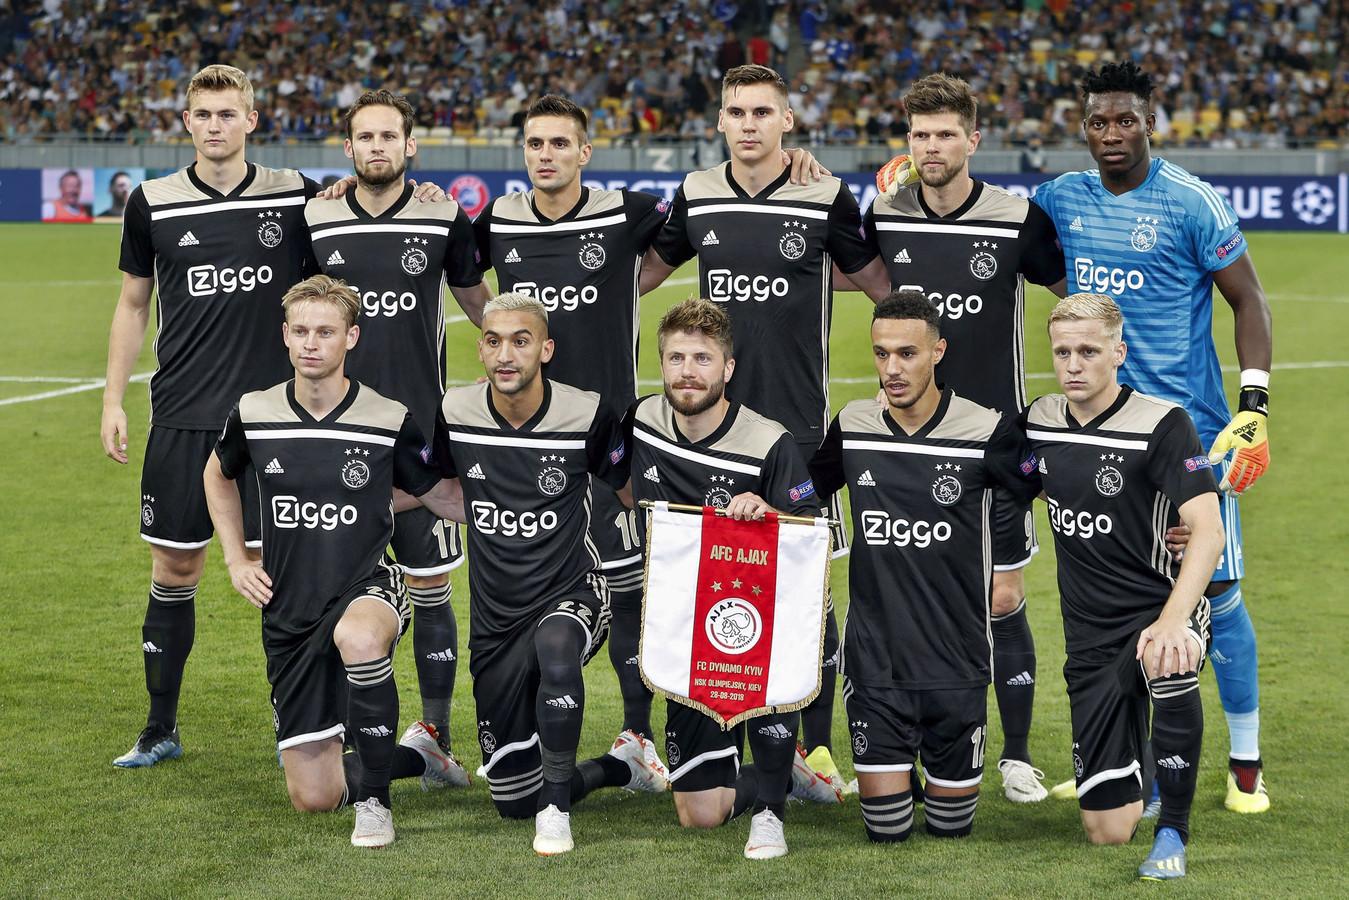 De basiself van Ajax voor de uitwedstrijd tegen Dinamo Kiev (0-0) van dinsdagavond.